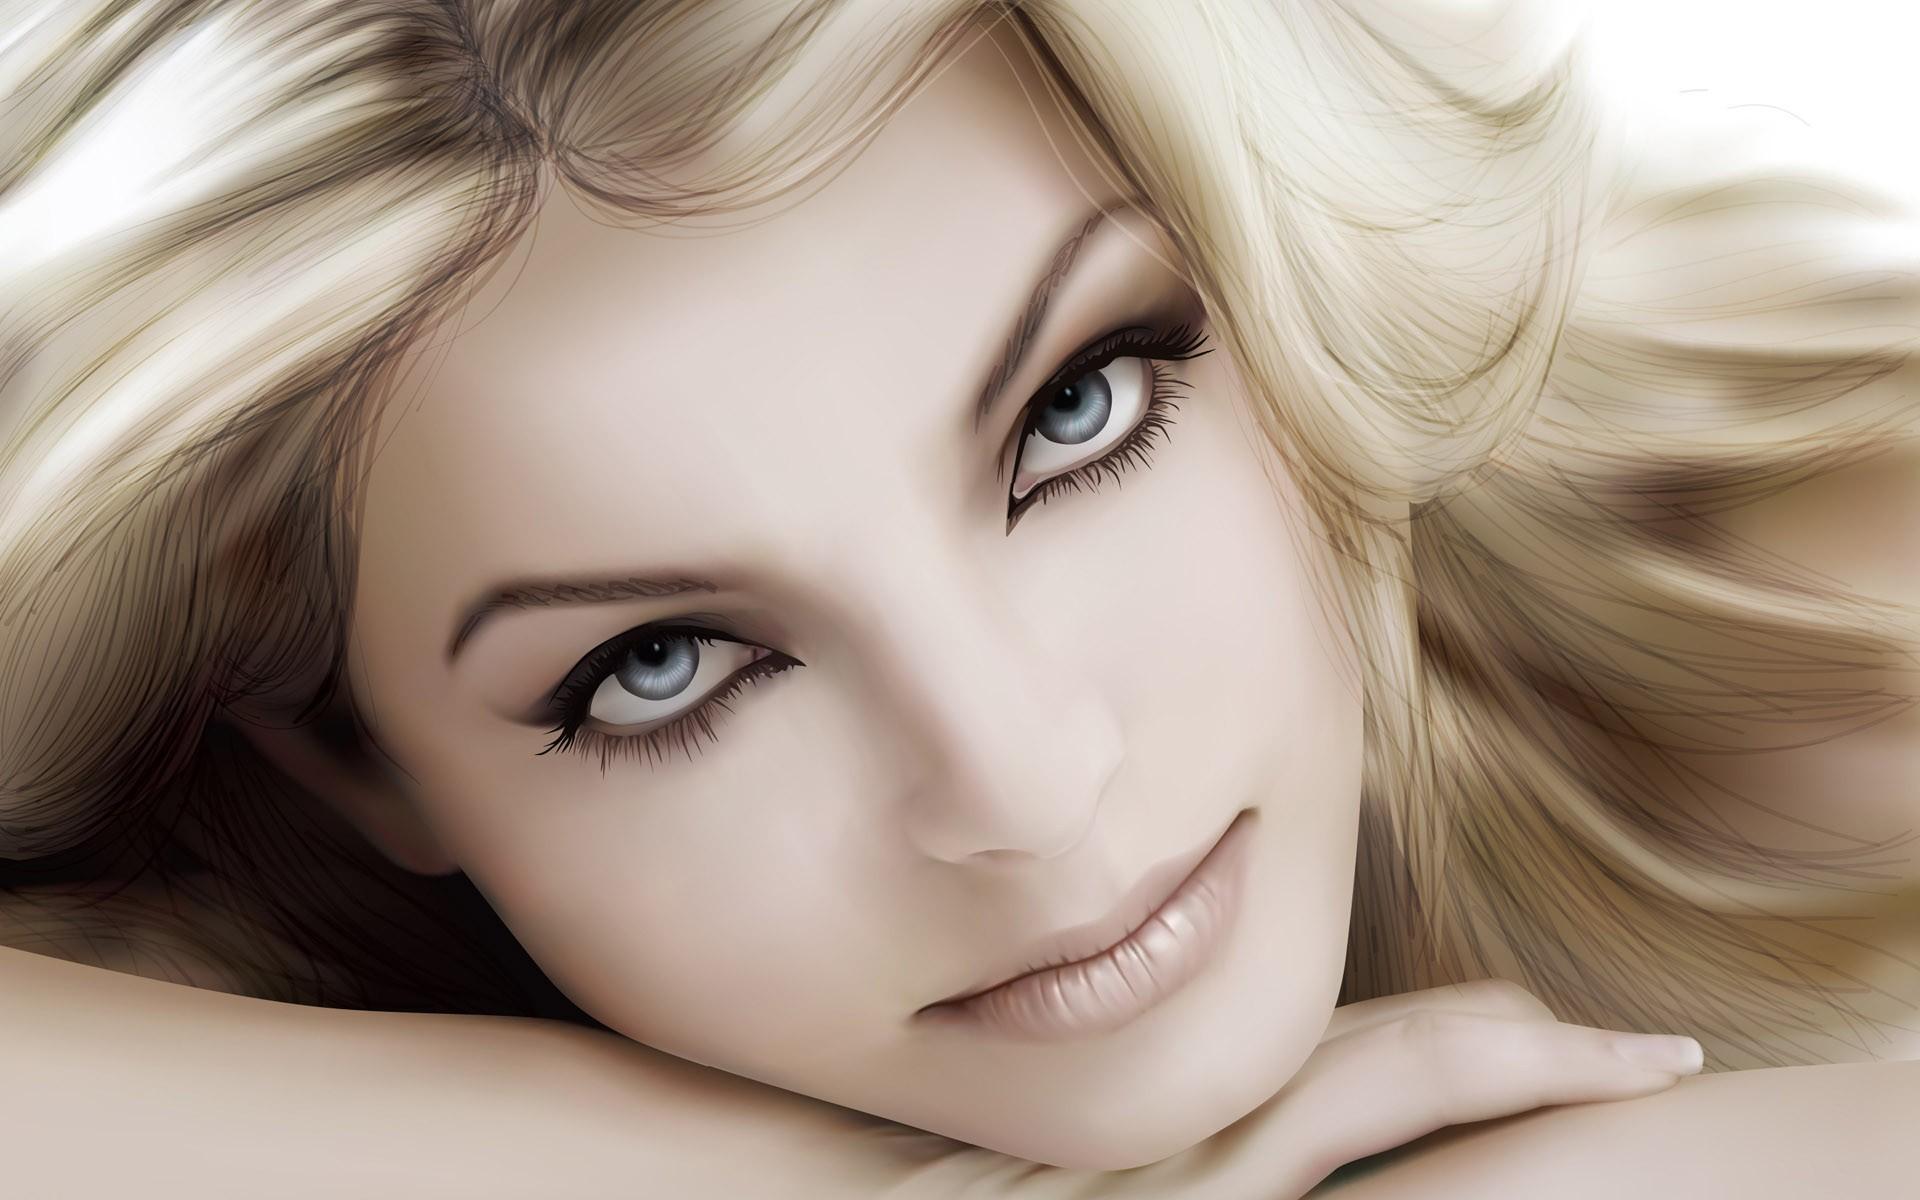 Блондинка с большими глазами кунилингус чулках